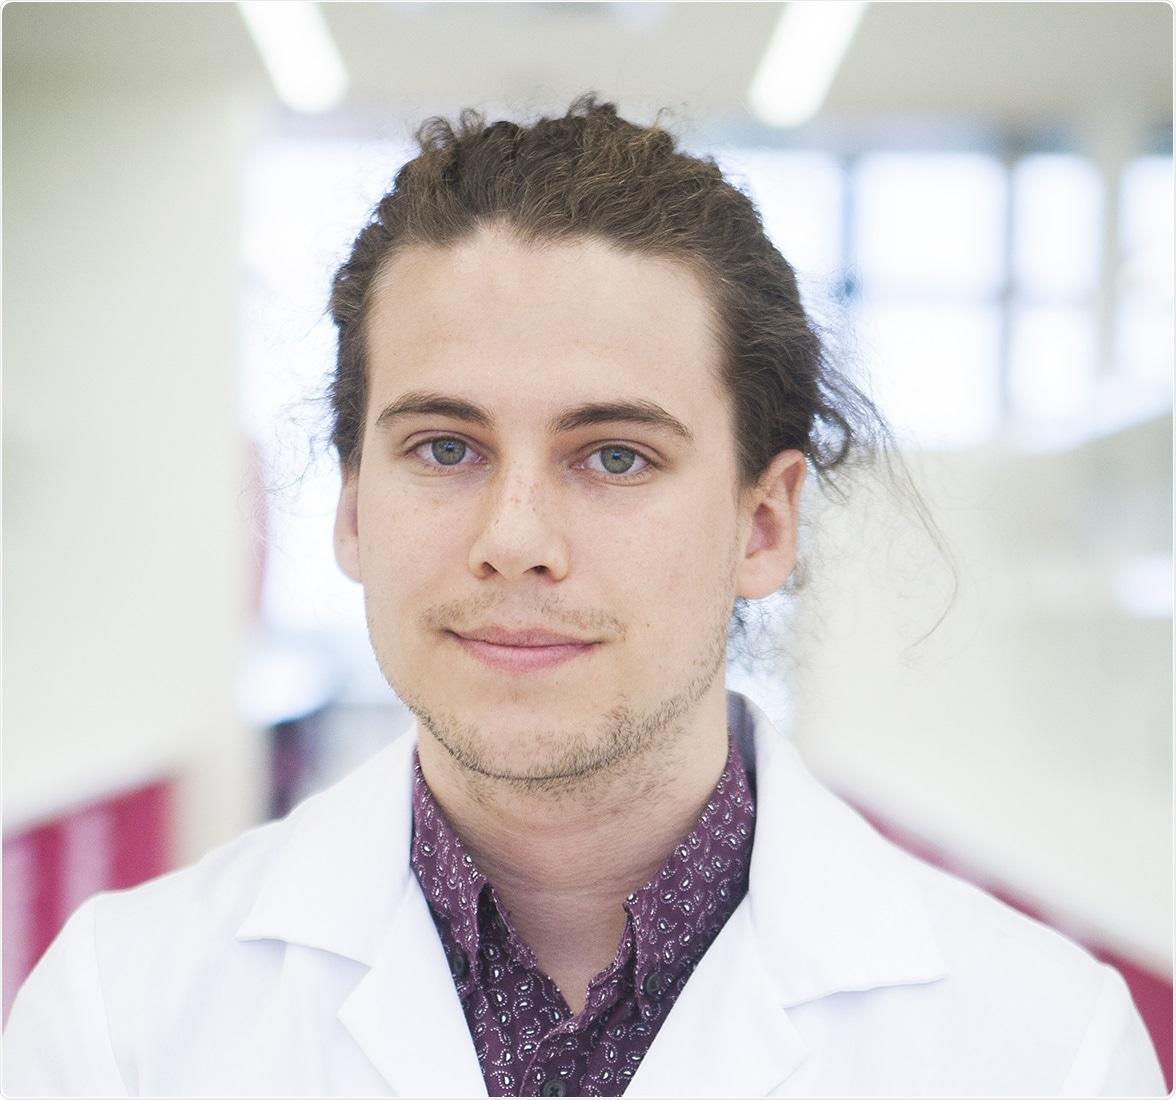 Nueva herramienta para tratar enfermedades cardíacas nombrada finalista en los premios WA Innovator of the Year 2021